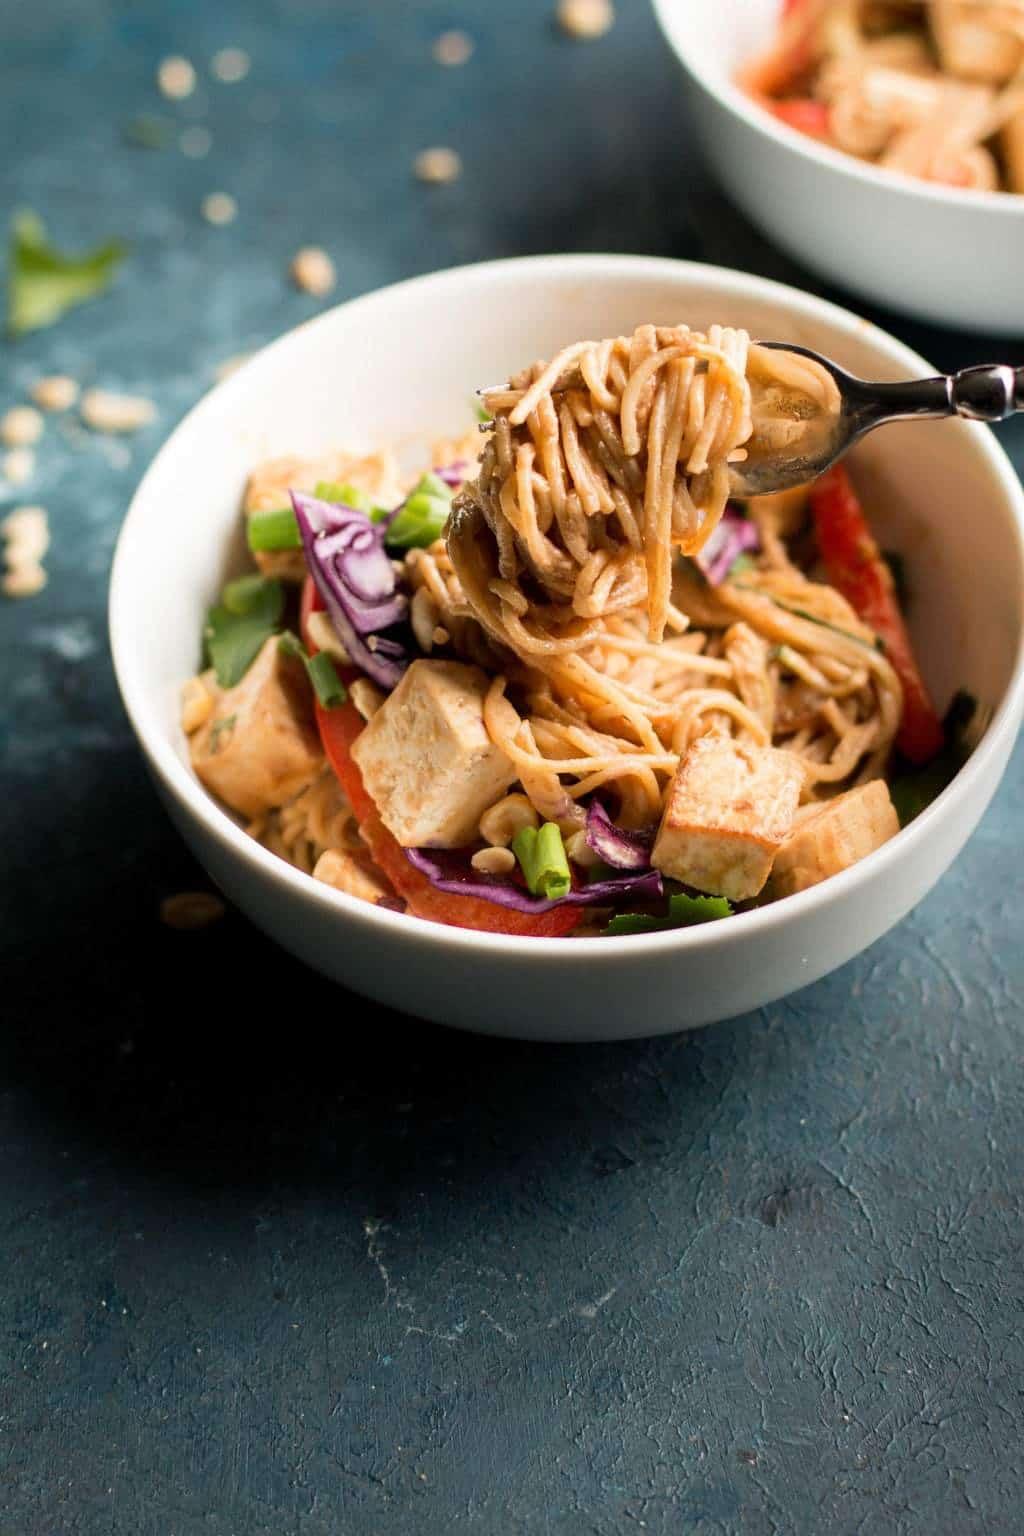 Healthier Peanut Butter Noodle & Tofu Bowl